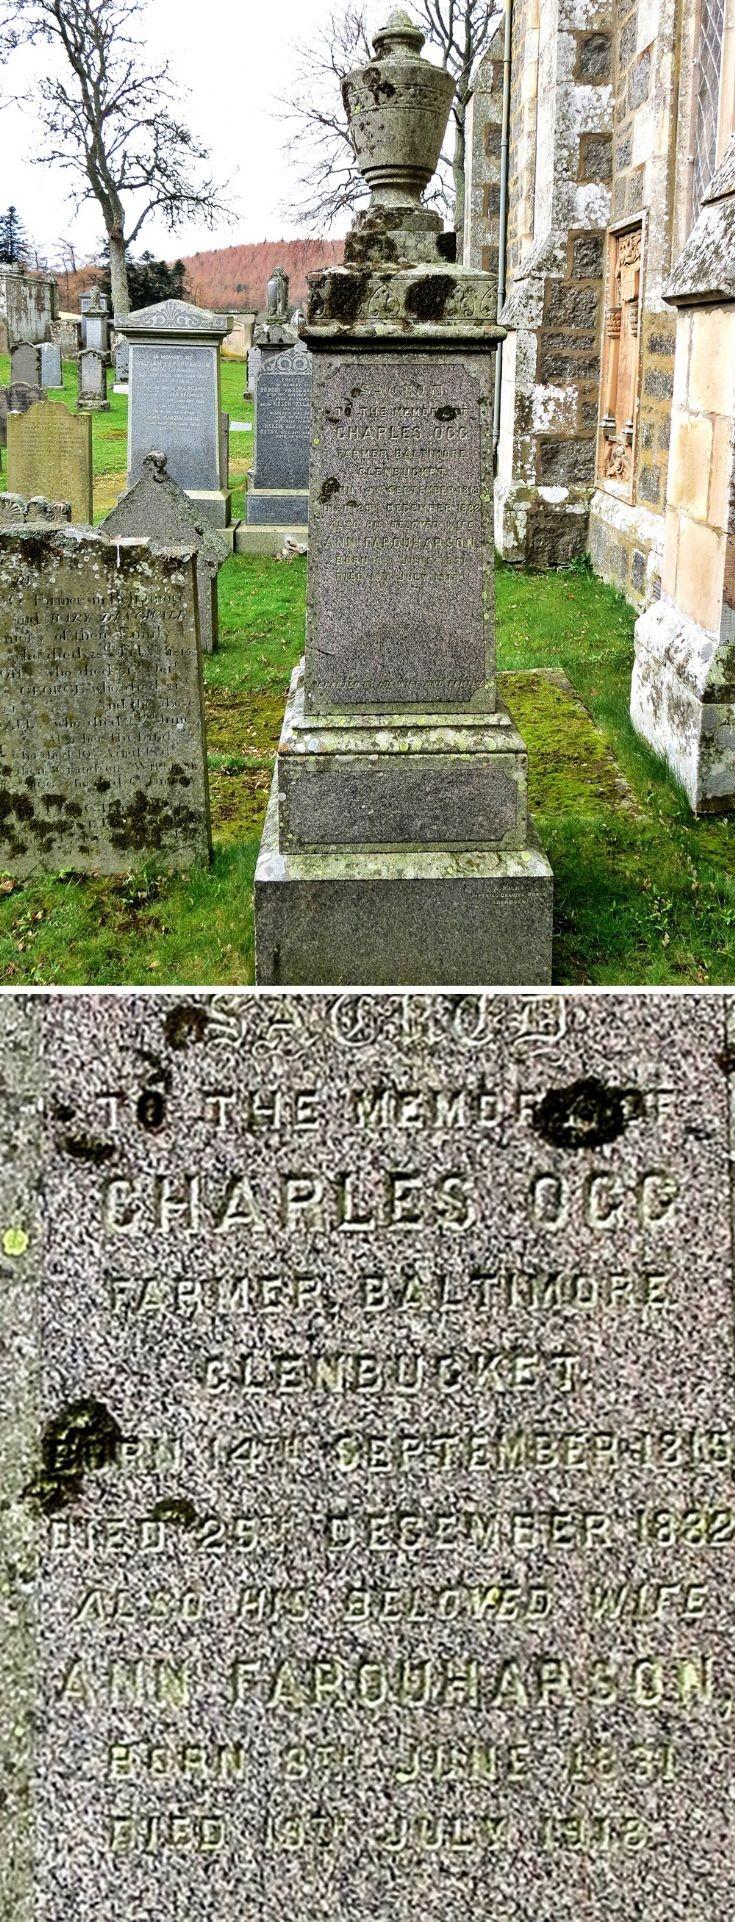 19 Charles Ogg